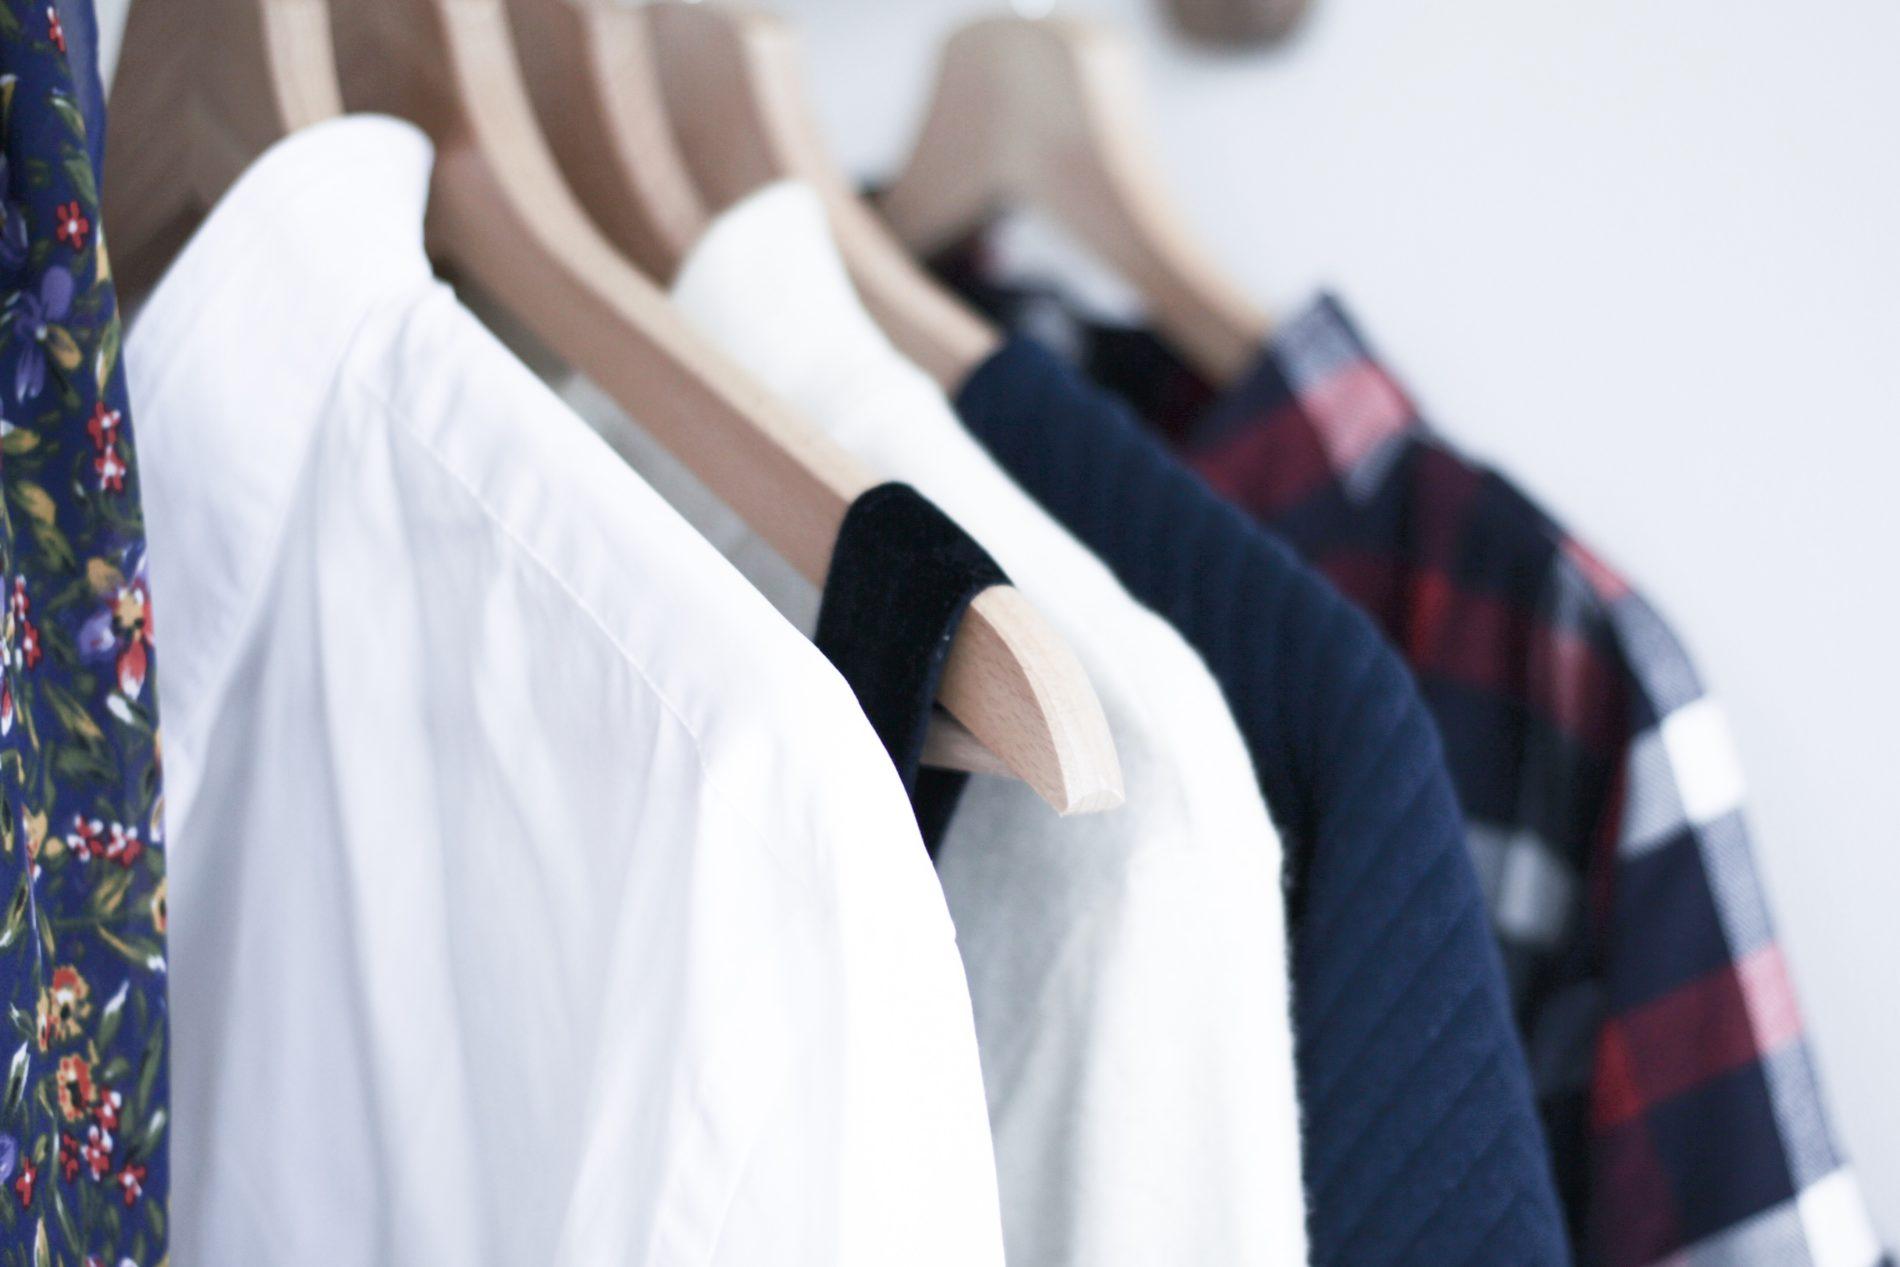 Selber Nähen statt shoppen - Ein Rückblick über mein Jahr ohne shopping